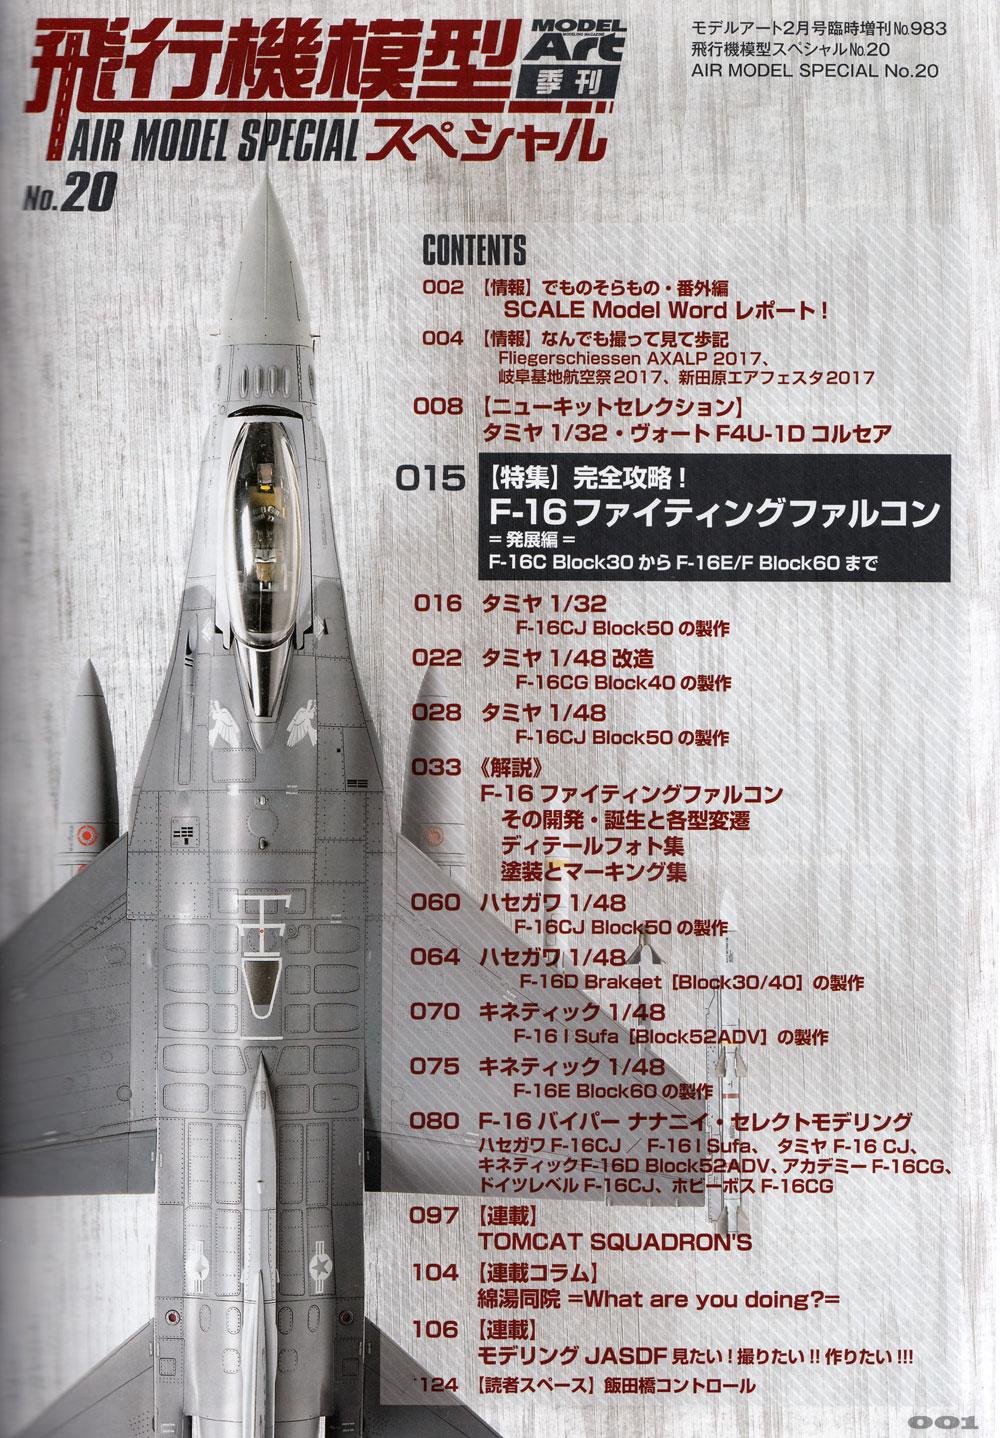 飛行機模型スペシャル 20 F-16 ファイティングファルコン 発展編本(モデルアート飛行機模型スペシャルNo.020)商品画像_1